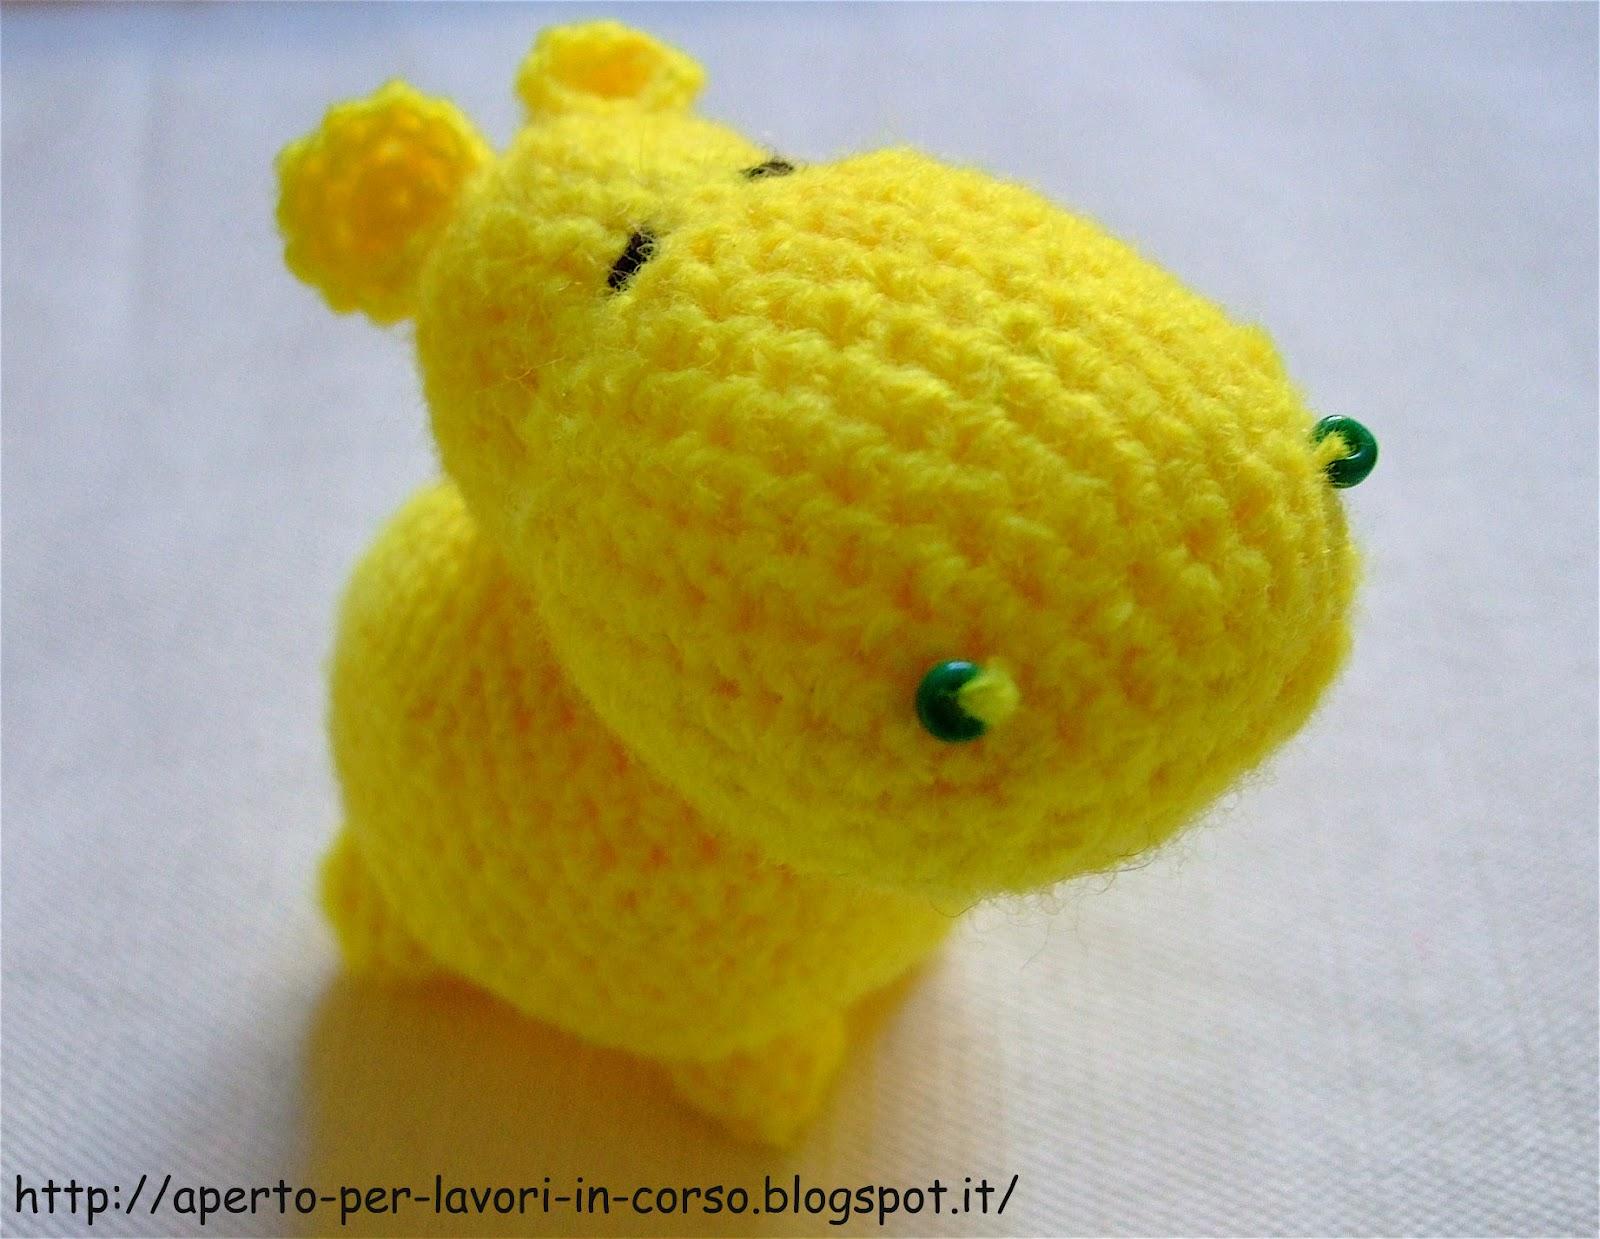 Ippopotamo Uncinetto - Amigurumi Tutorial -Hippopotamus Crochet ... | 1239x1600